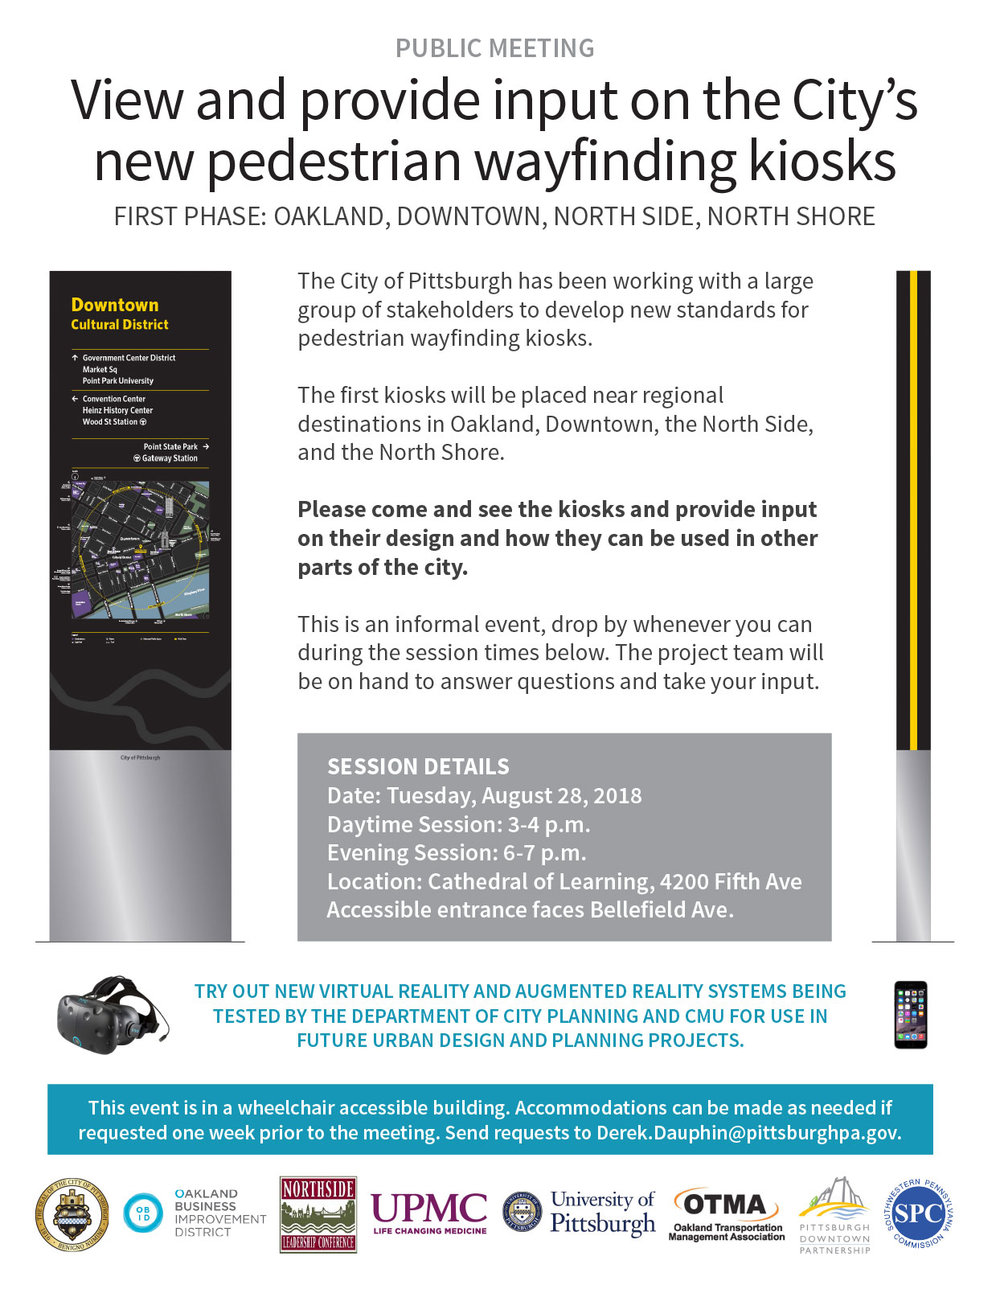 Kiosk-Public-Meeting---2018-08-15.jpg